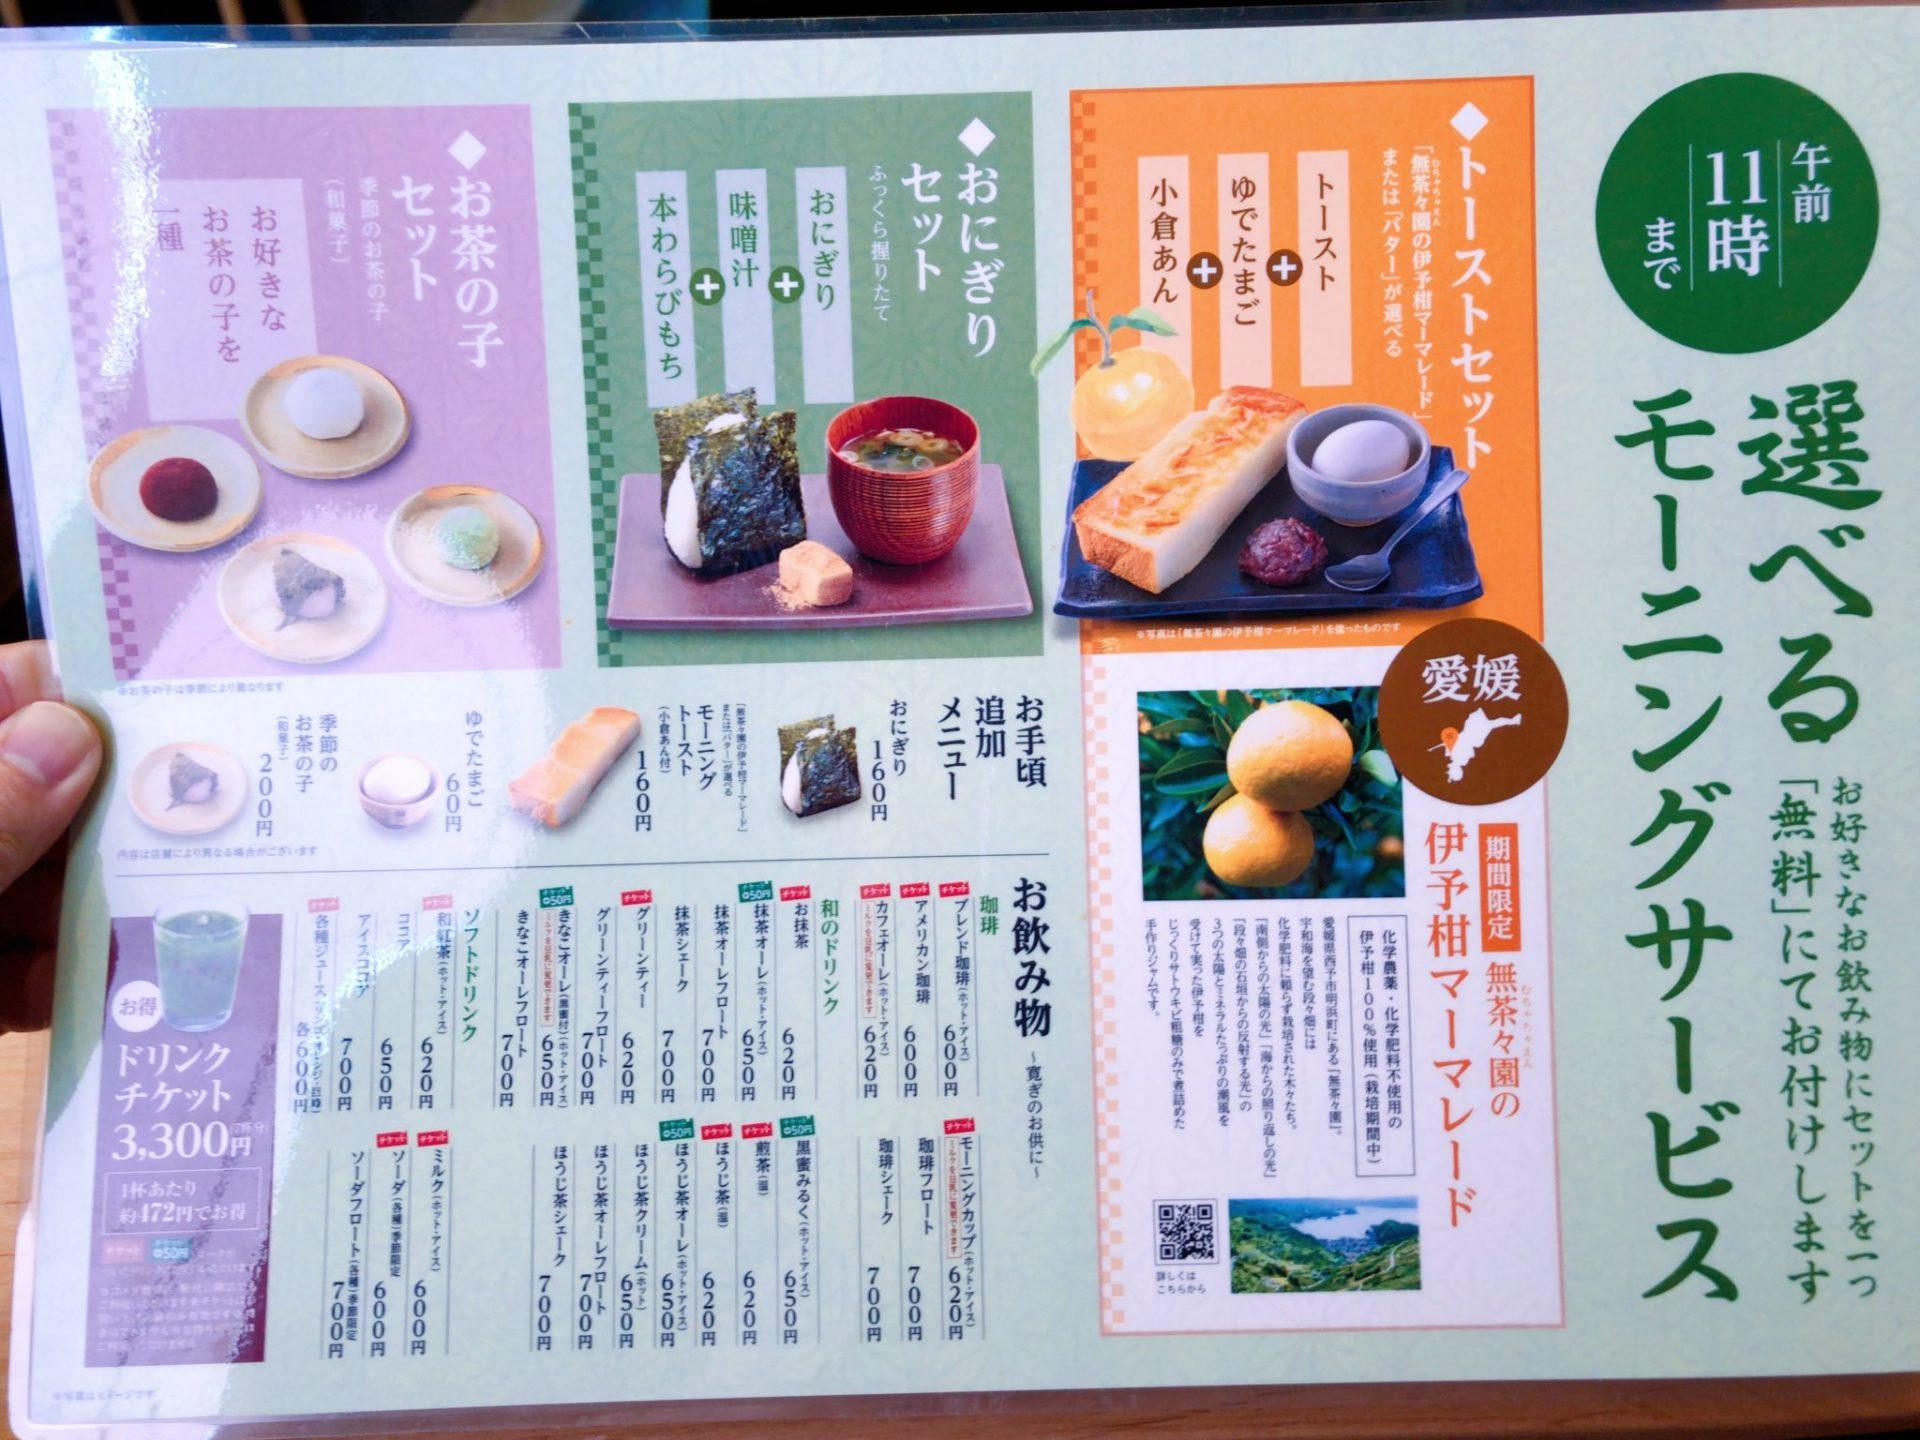 コメダ和喫茶 おかげ庵 駒沢公園前店のモーニングメニュー